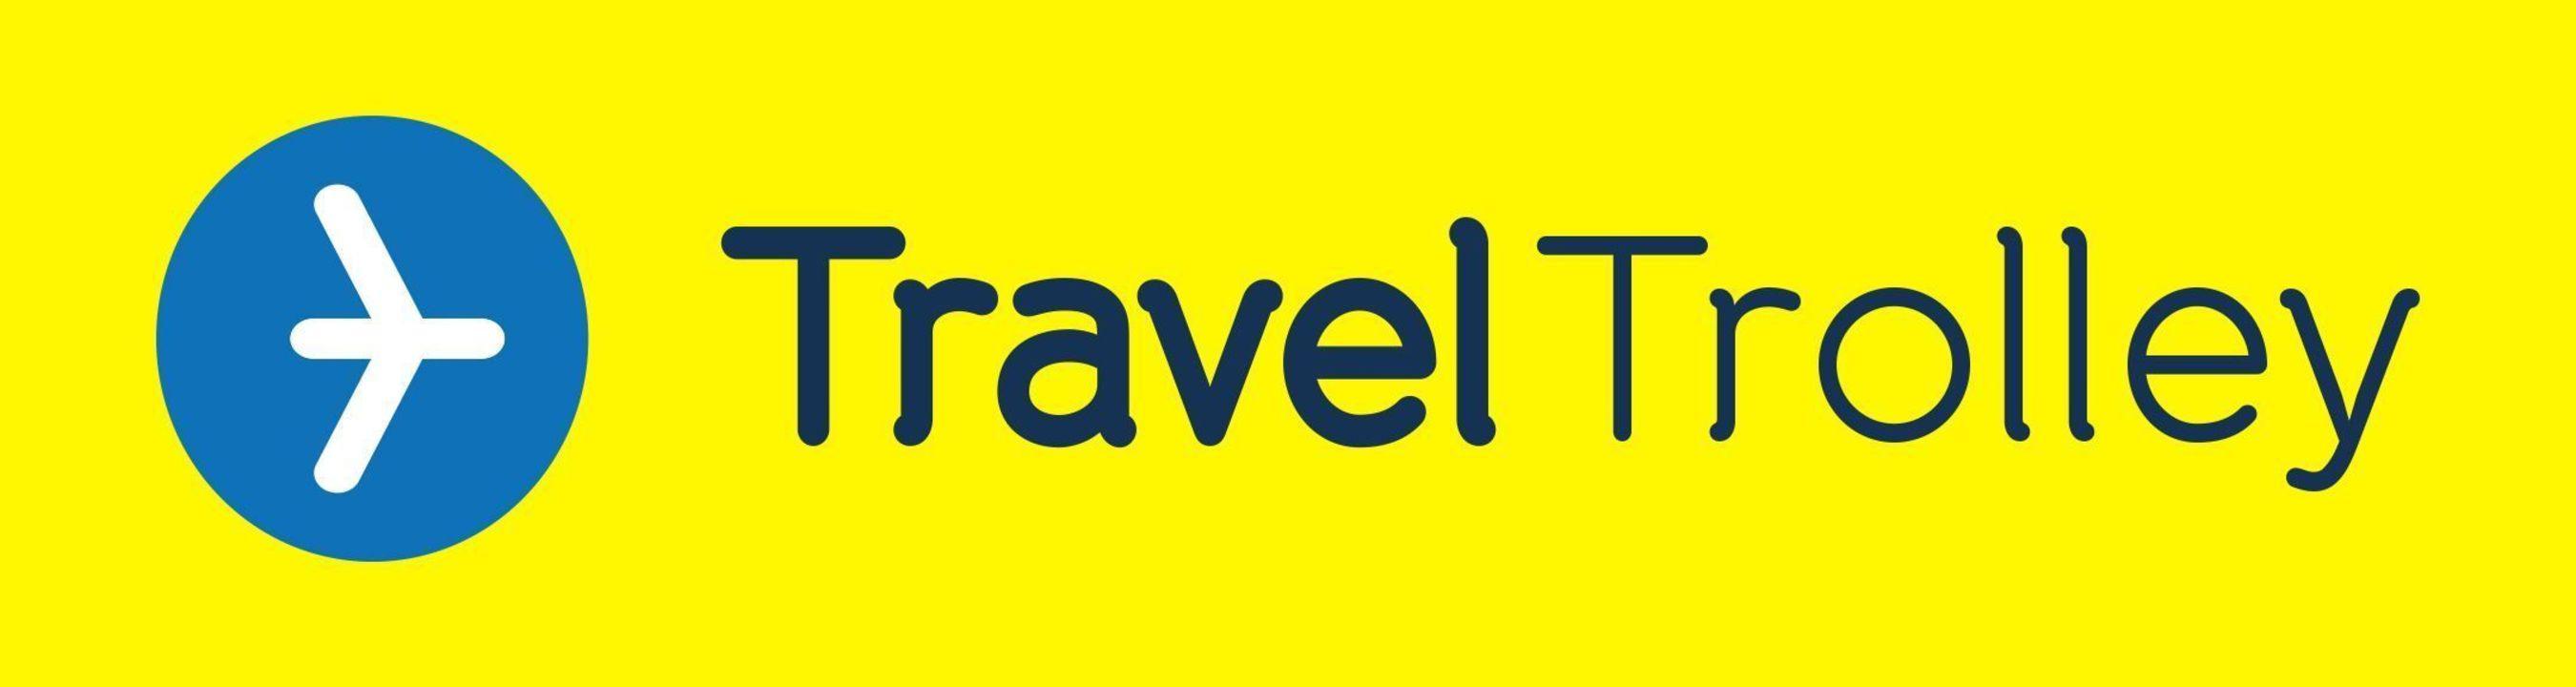 Travel Trolley Logo (PRNewsFoto/Travel Trolley)